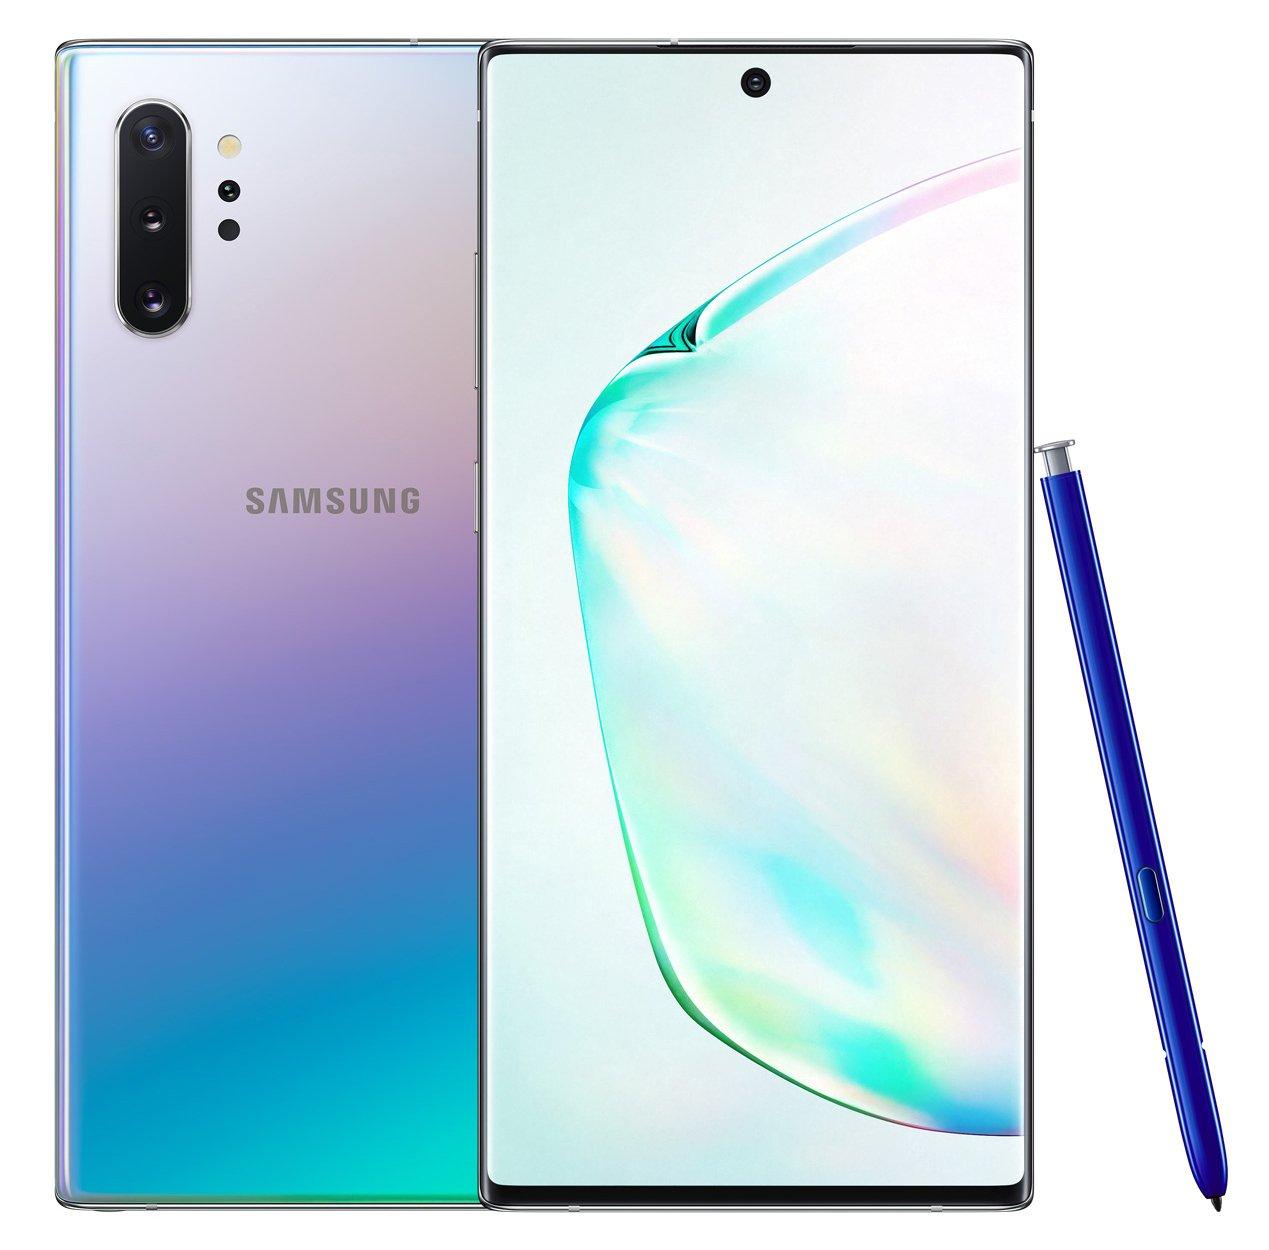 SIM Free Samsung Galaxy Note 10+ 5G 512GB – Glow– Pre Order